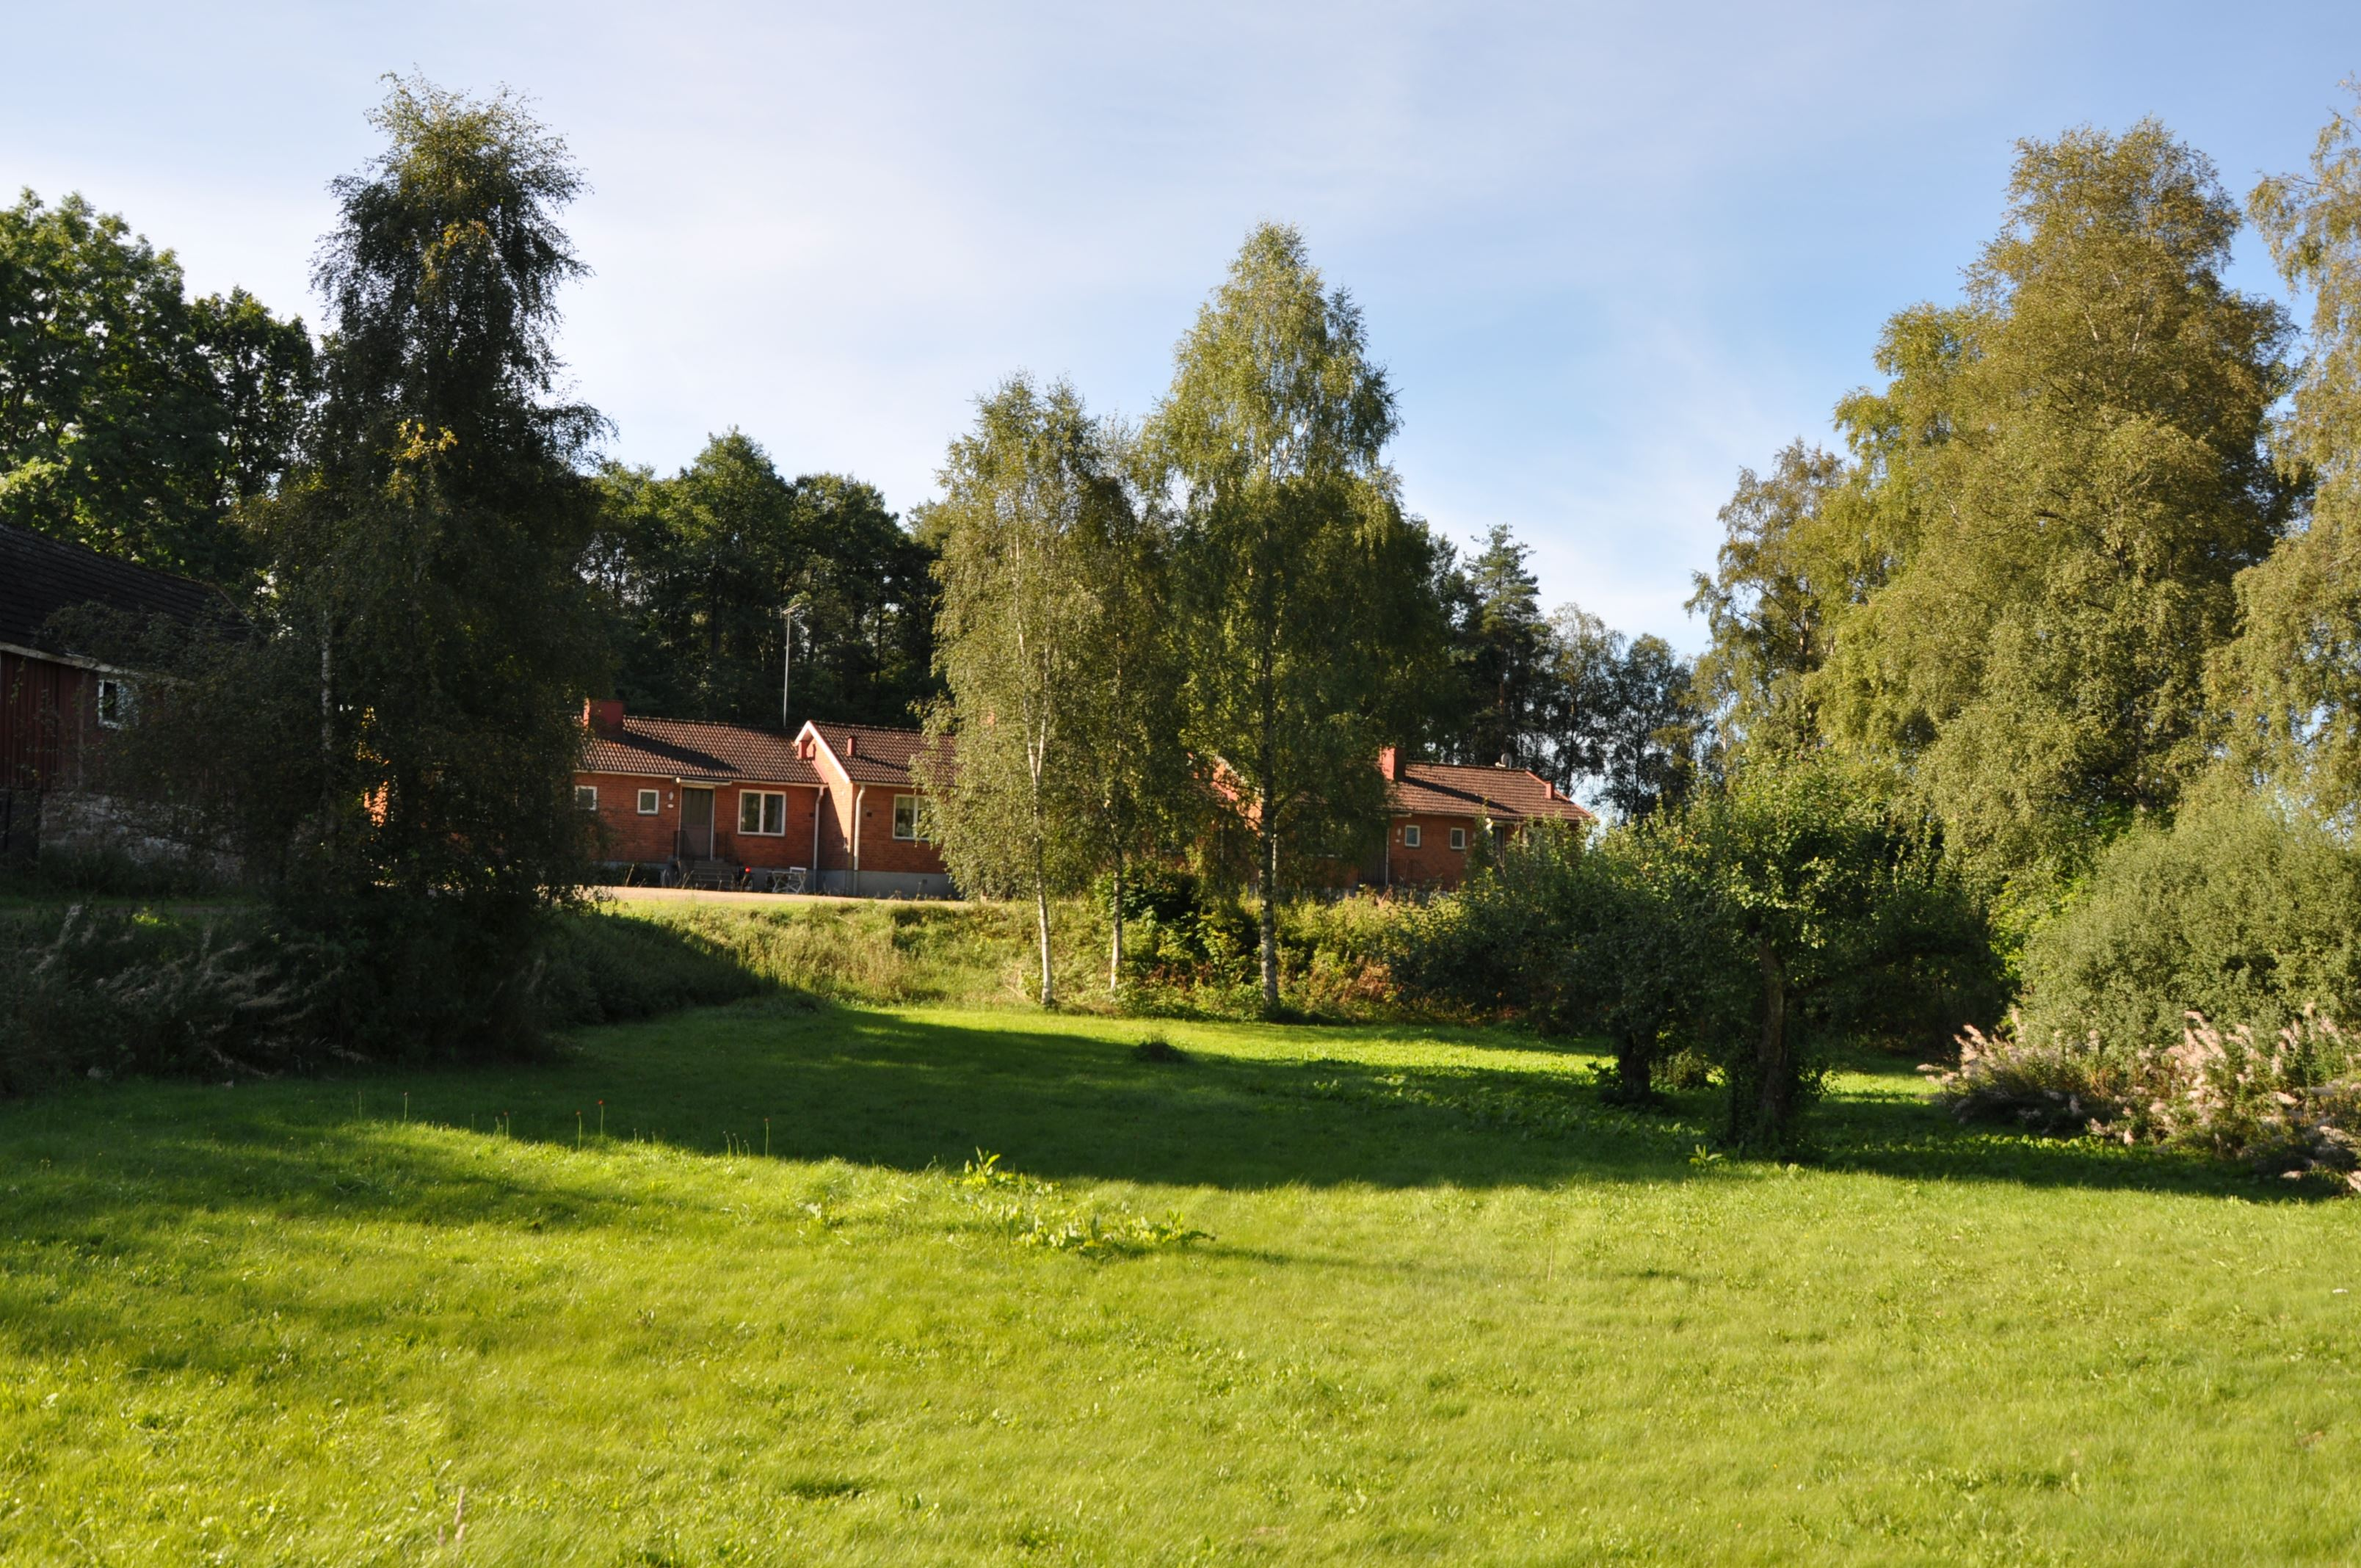 Egen Ingång - Your own entrance